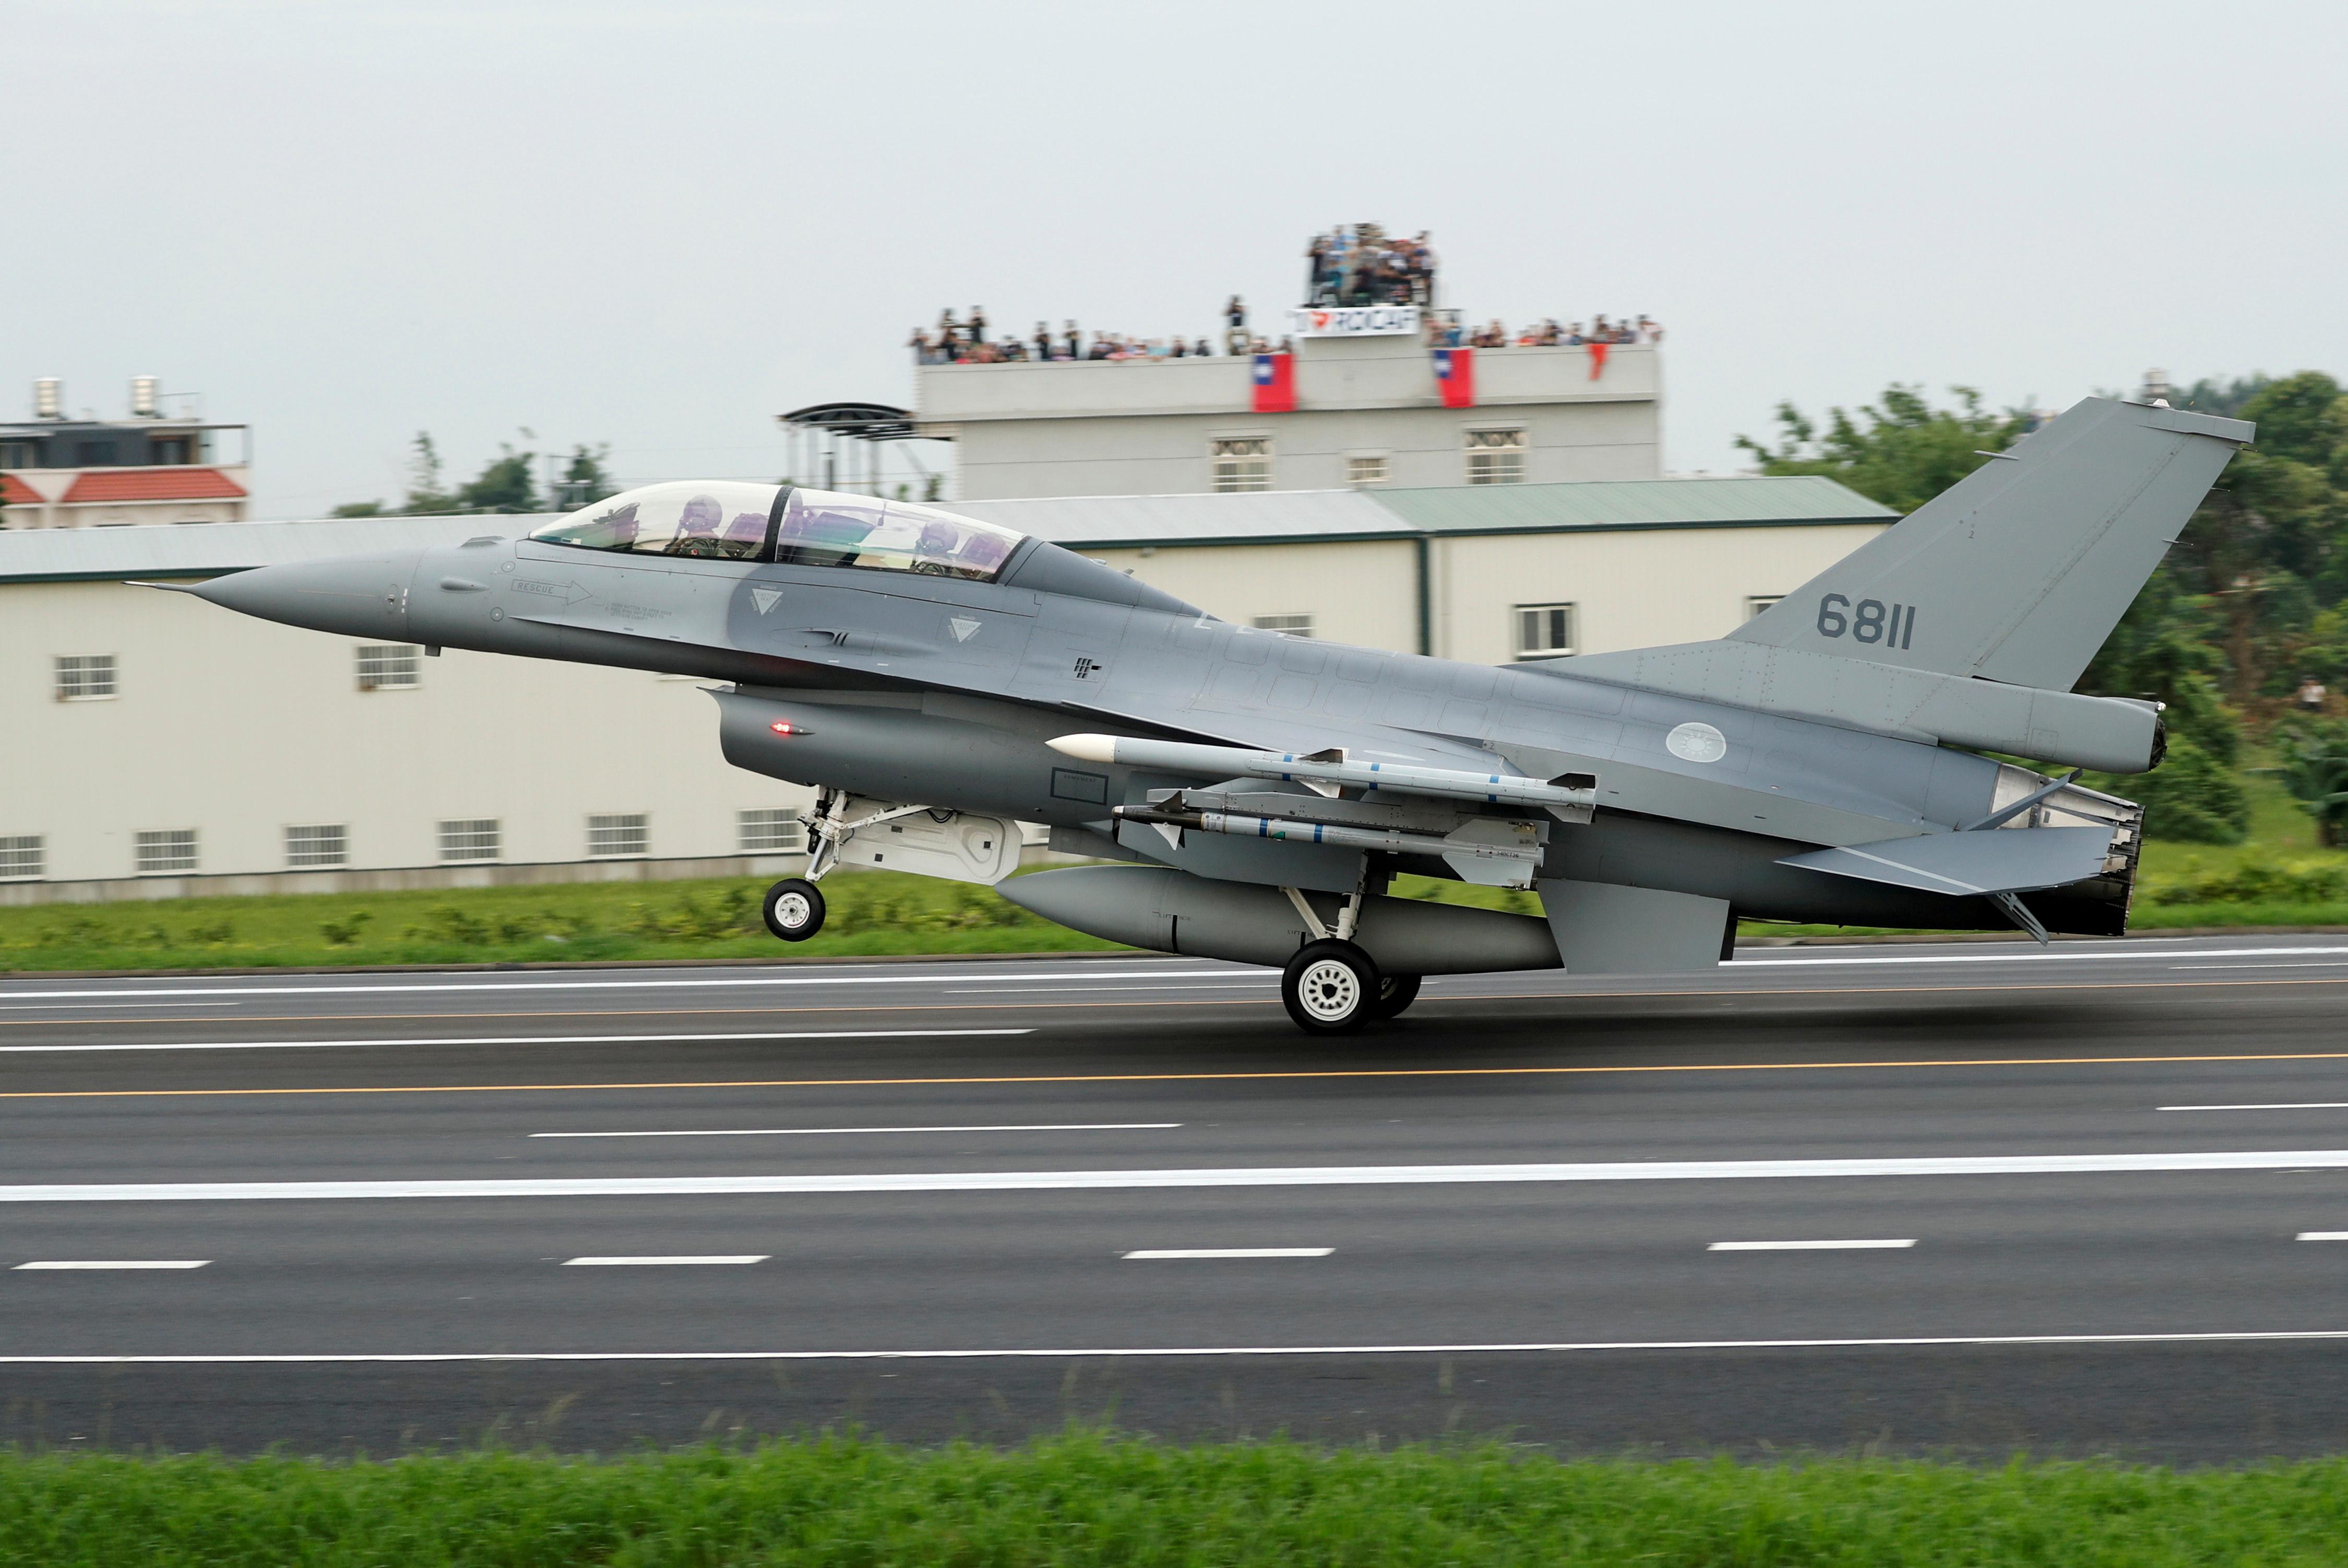 F-16V fighter jet lands on a highway